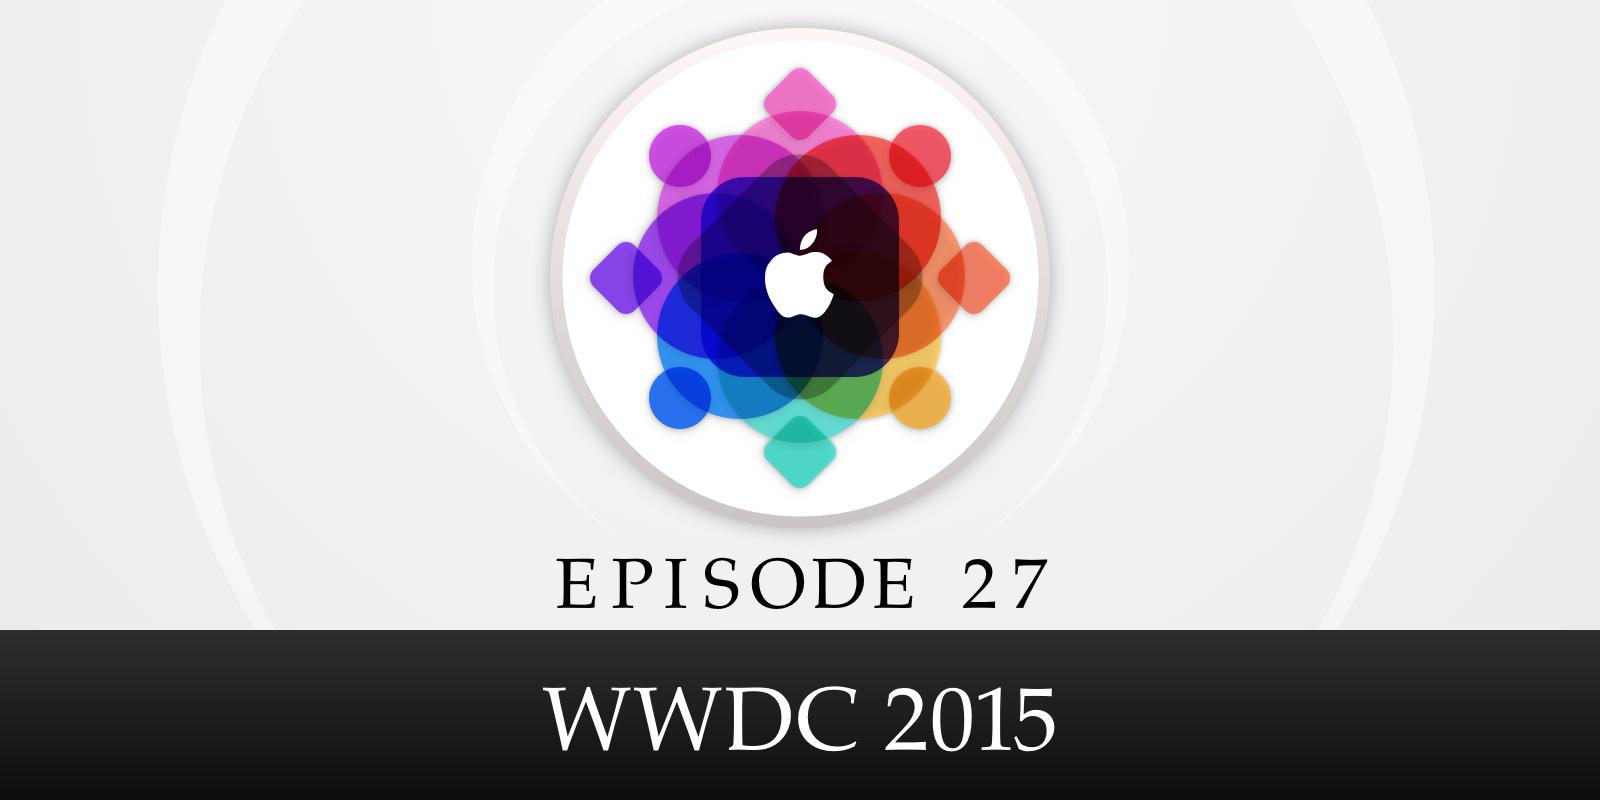 Episode 27: WWDC 2015